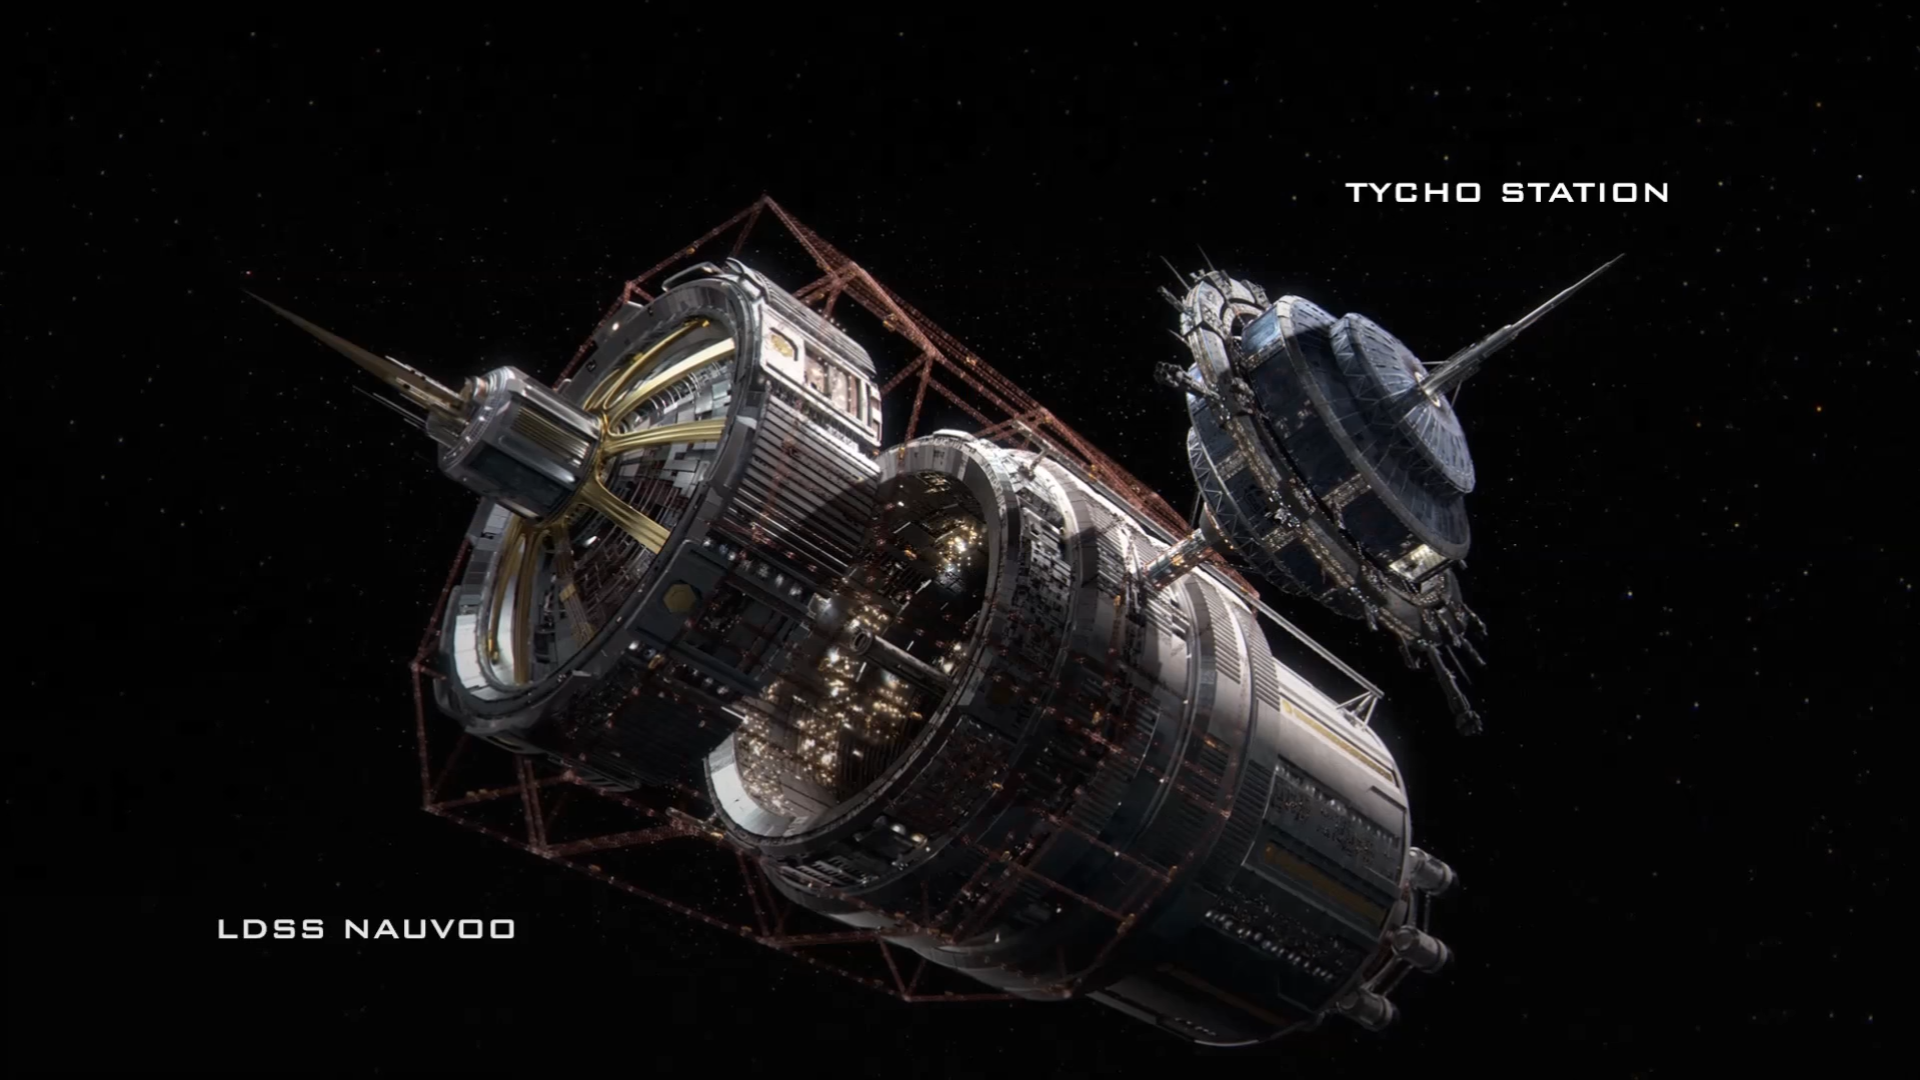 Tycho Station